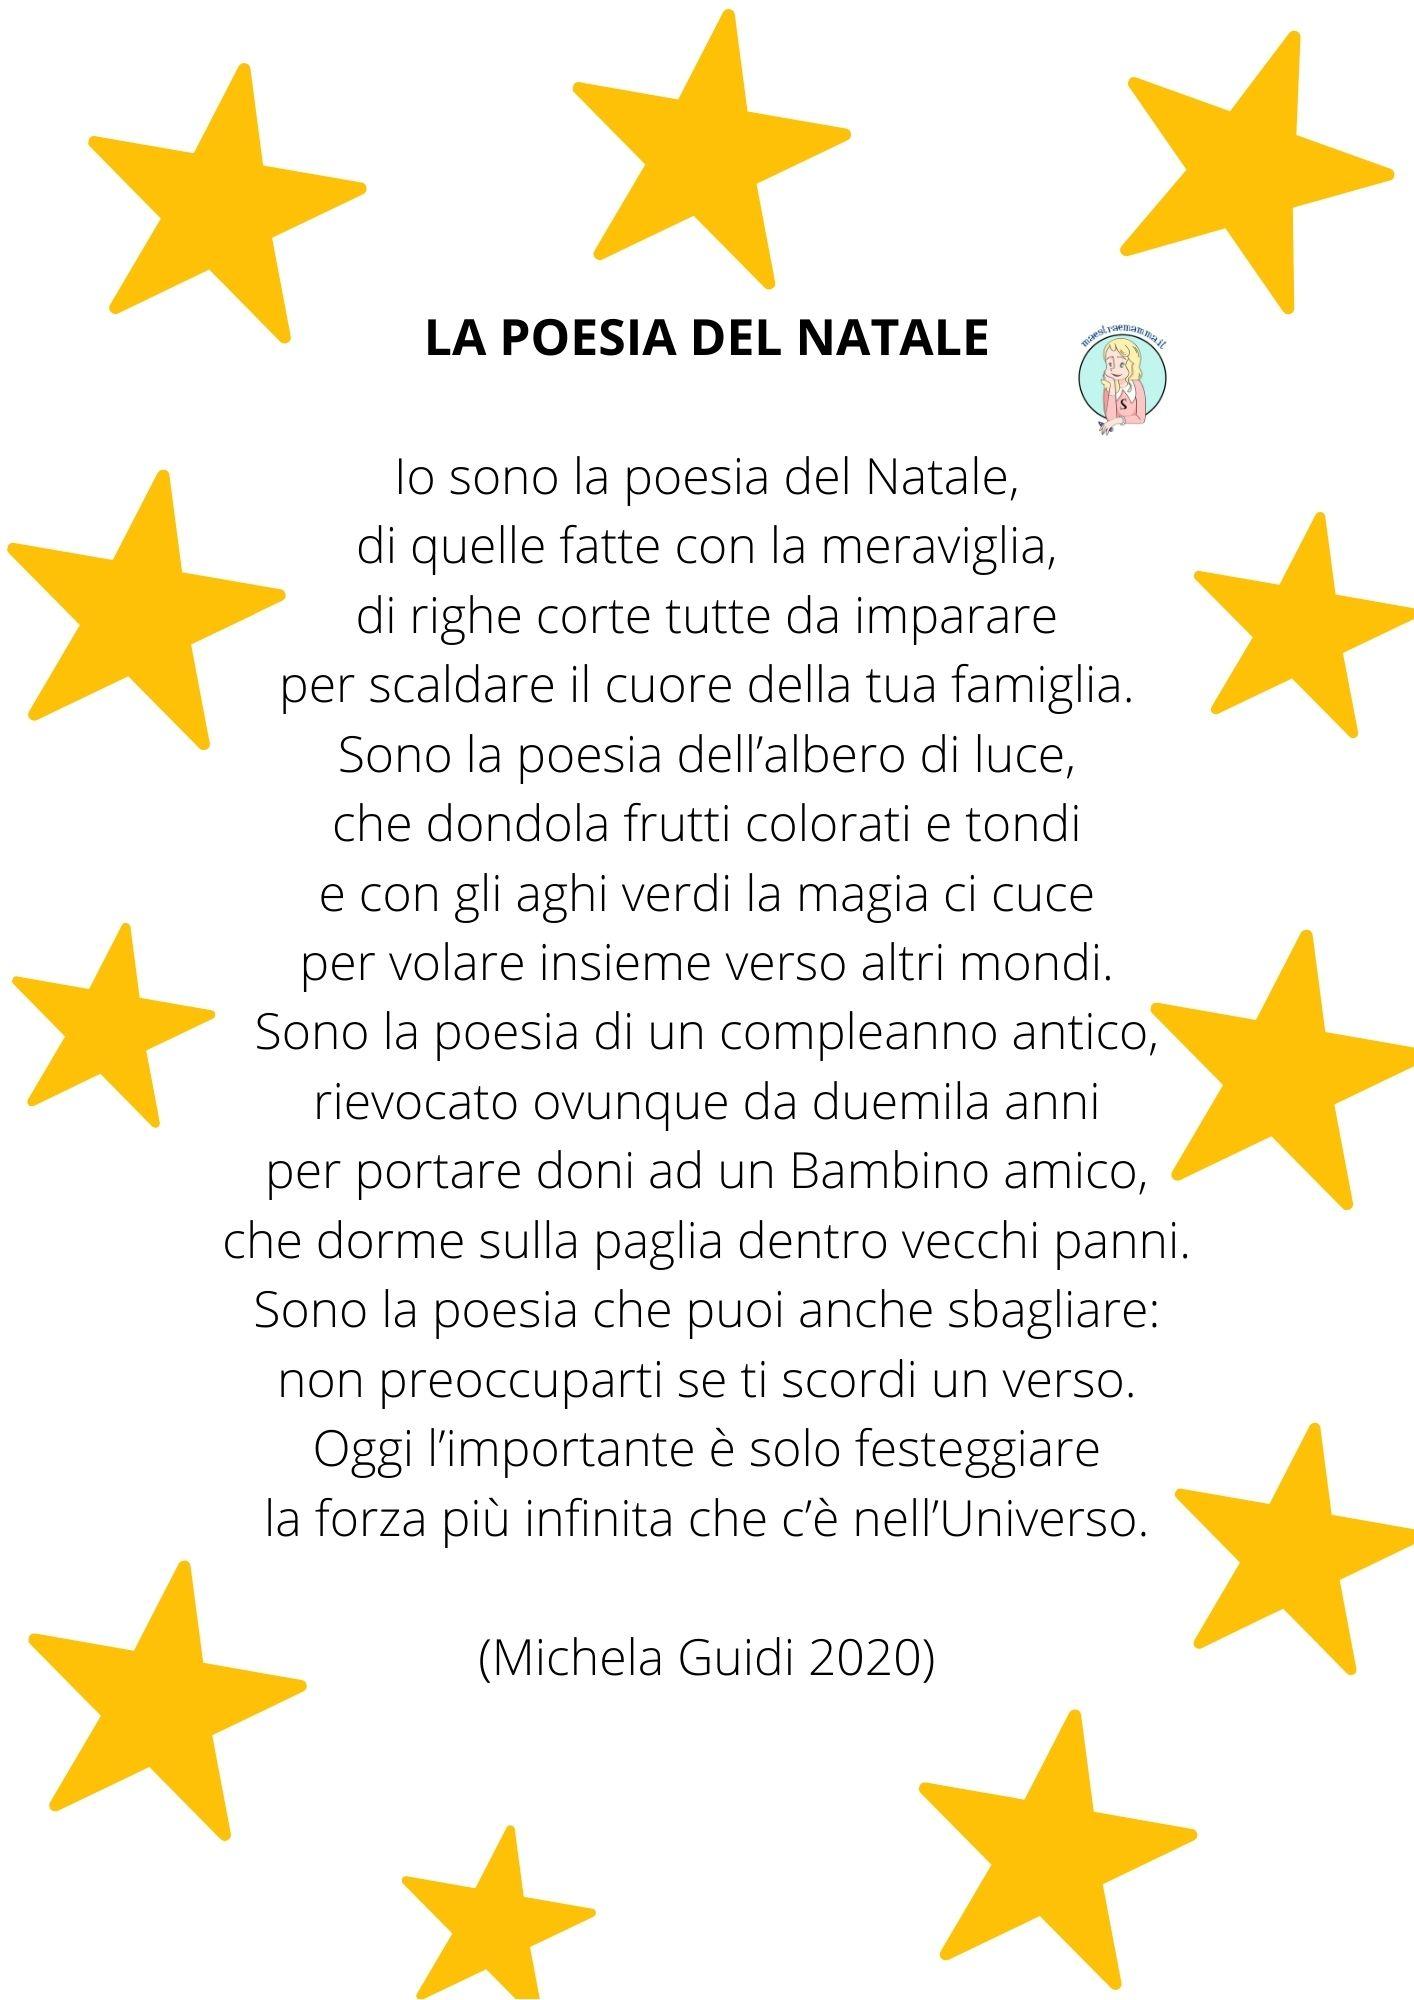 Poesia del Natale di Michela Guidi